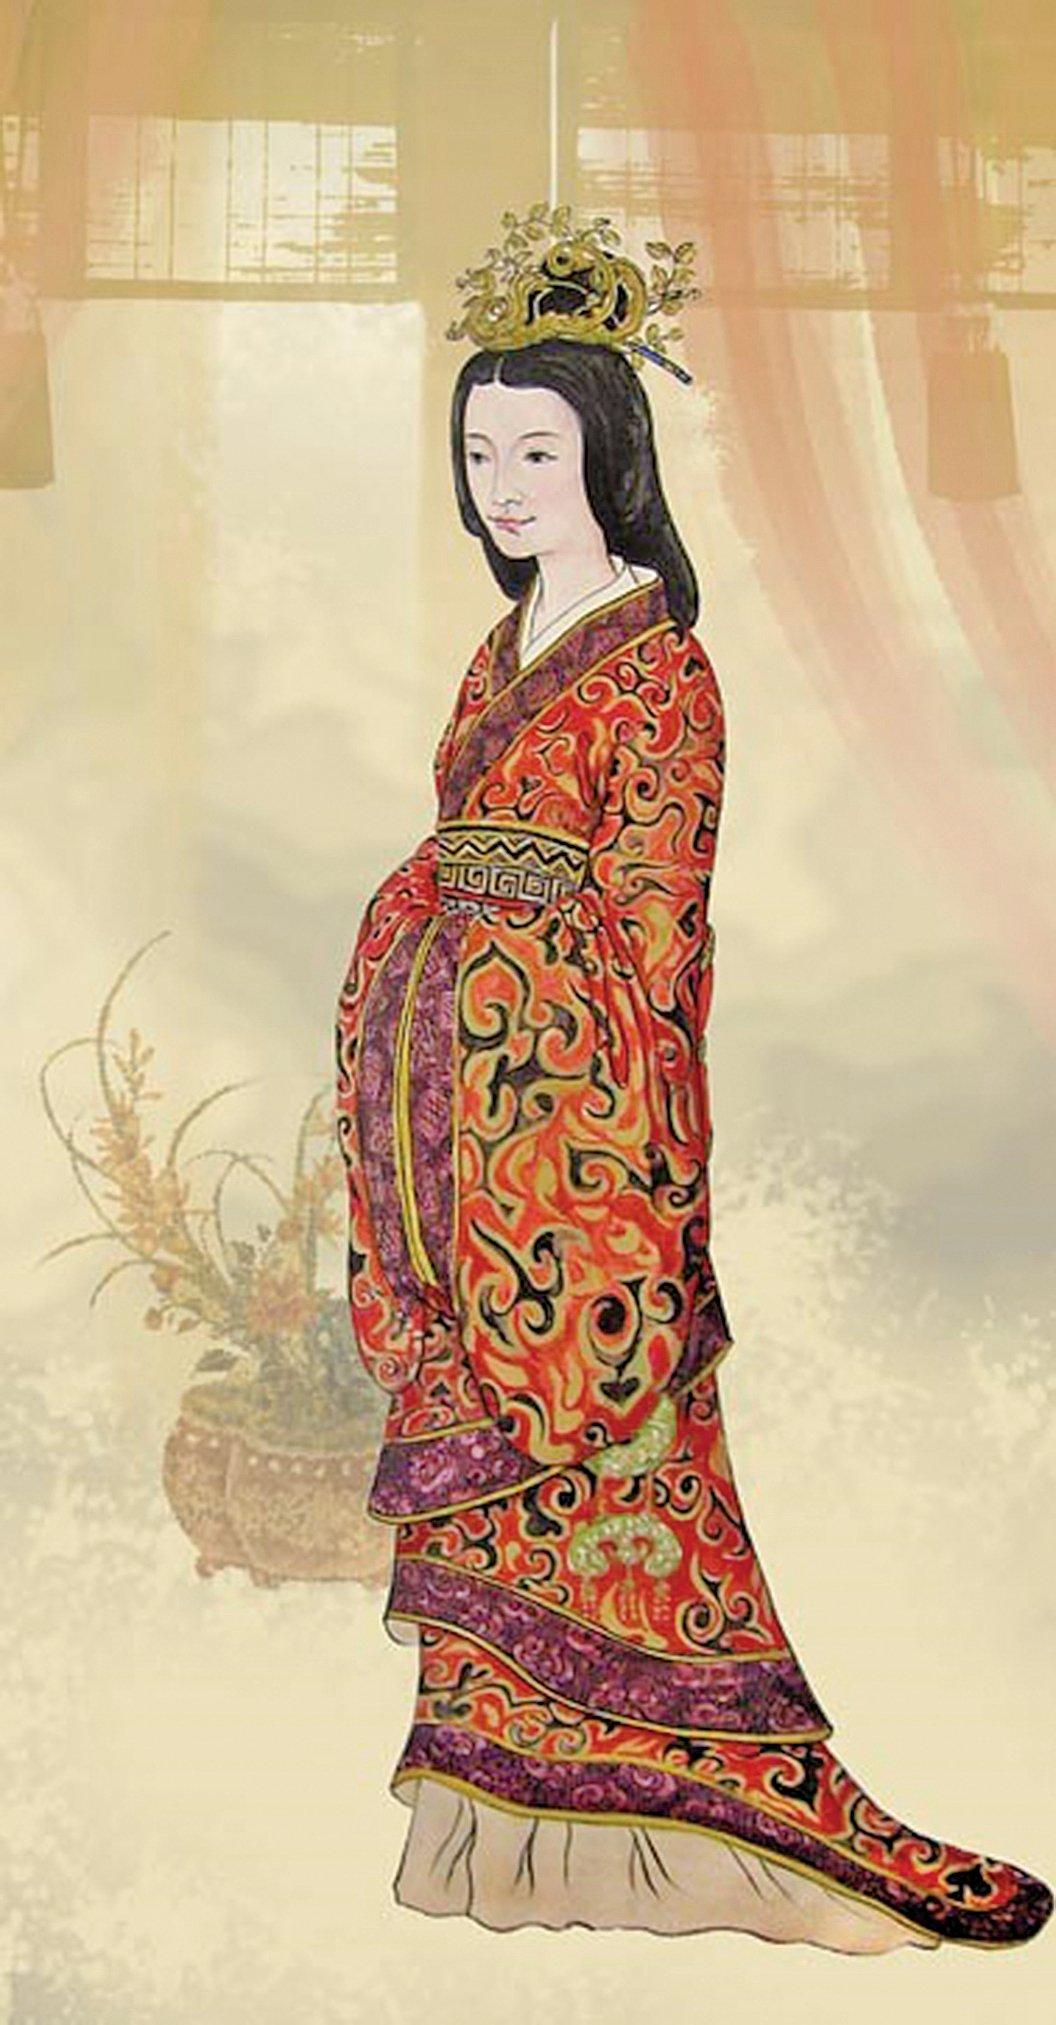 東漢光武帝皇后陰麗華像。(《品位生活》雜誌提供)